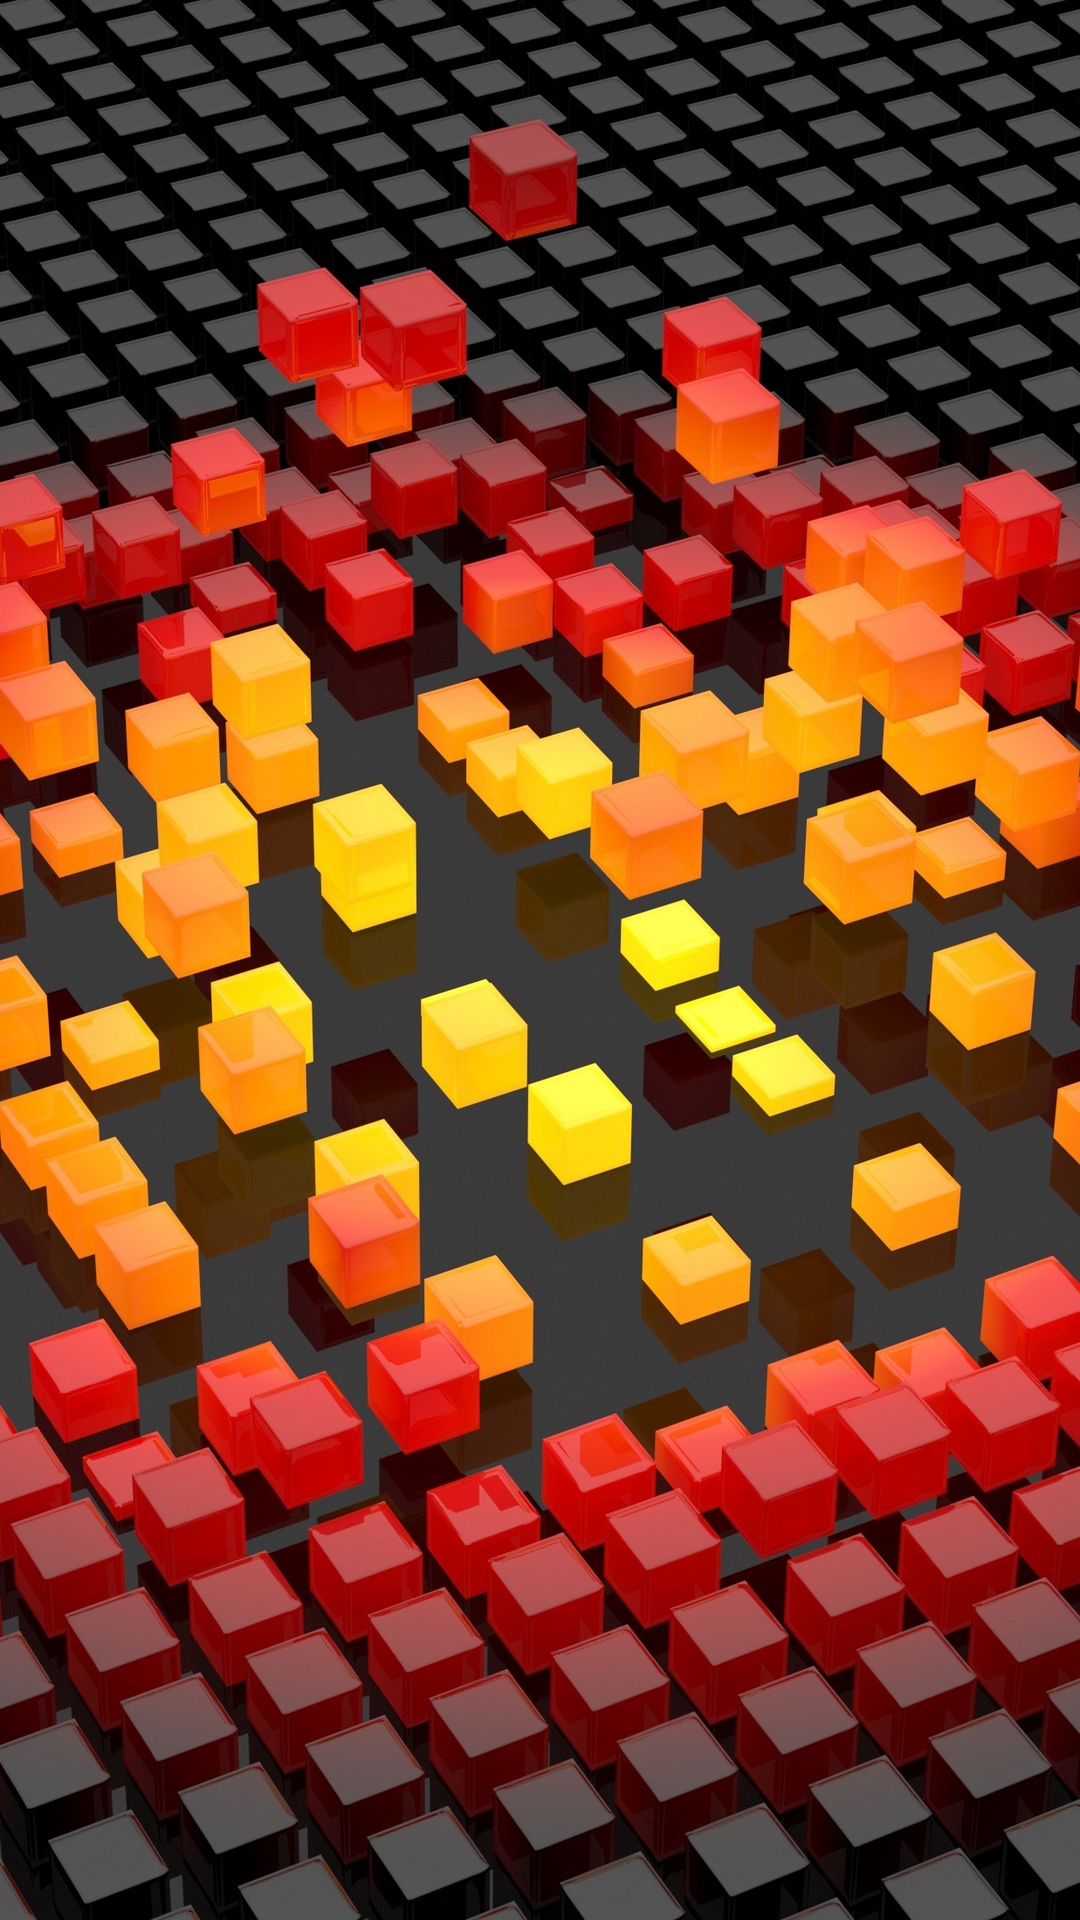 3d Cubes Color Shapes Hd Wallpaper 1080x1920